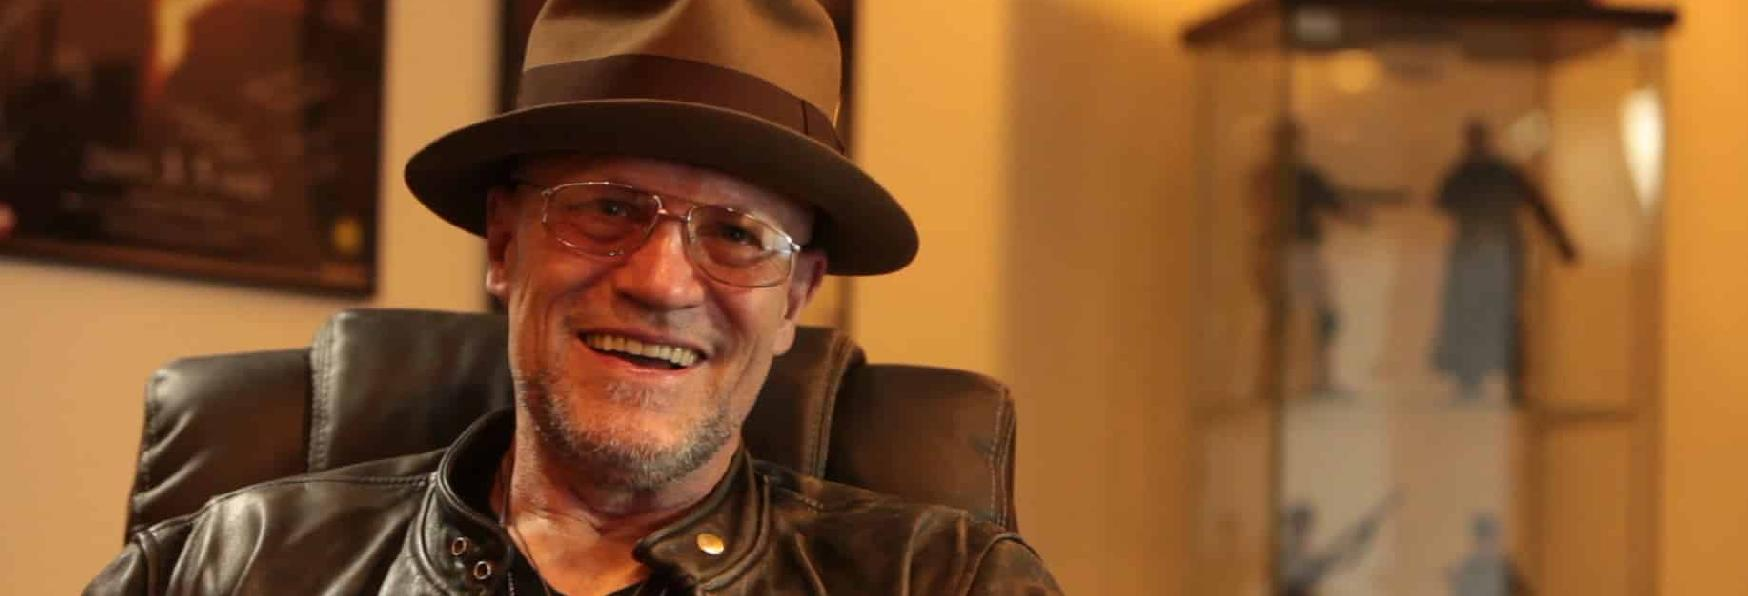 La Torre Nera: Michael Rooker si aggiunge al Cast della nuova Serie Amazon